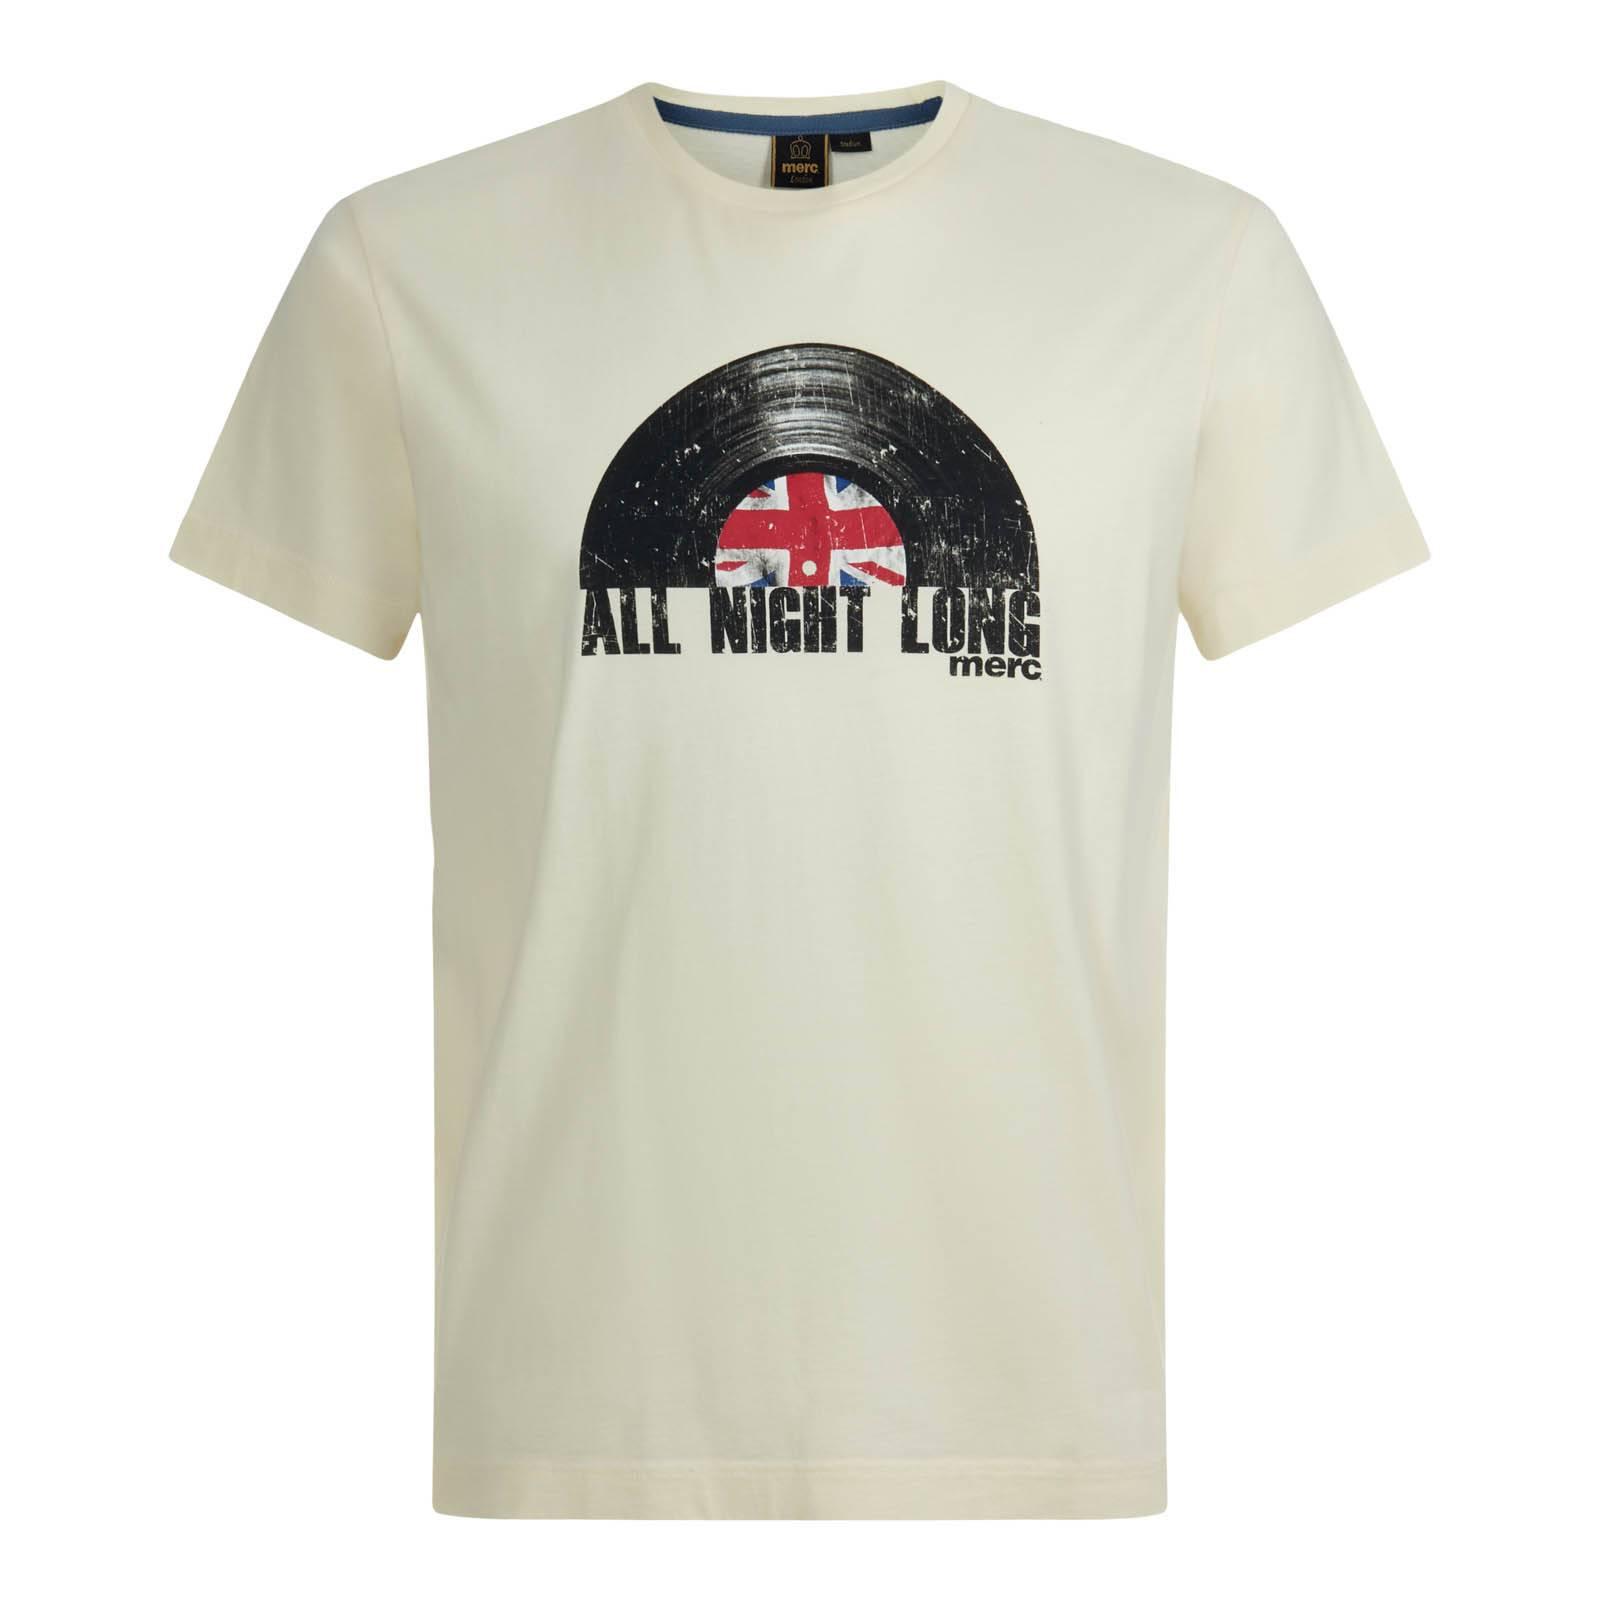 Футболка MickletonФутболки<br>Из легко и мягкого высококачественного хлопка, эта мужская футболка с круглым воротом имеет свободный покрой и декорирована винтажным принтом, символизирующим связь бренда с британской музыкальной культурой от психоделического рока Свингующих Шестидесятых до Mod revival, брит-попа и северного соула наших дней.  Как всегда эффектный Union Jack будет красиво сочетаться с олимпийками и выглядывать из расстегнутого Харрингтона.<br><br>Артикул: 1716206<br>Материал: None<br>Цвет: винтажный белый<br>Пол: Мужской